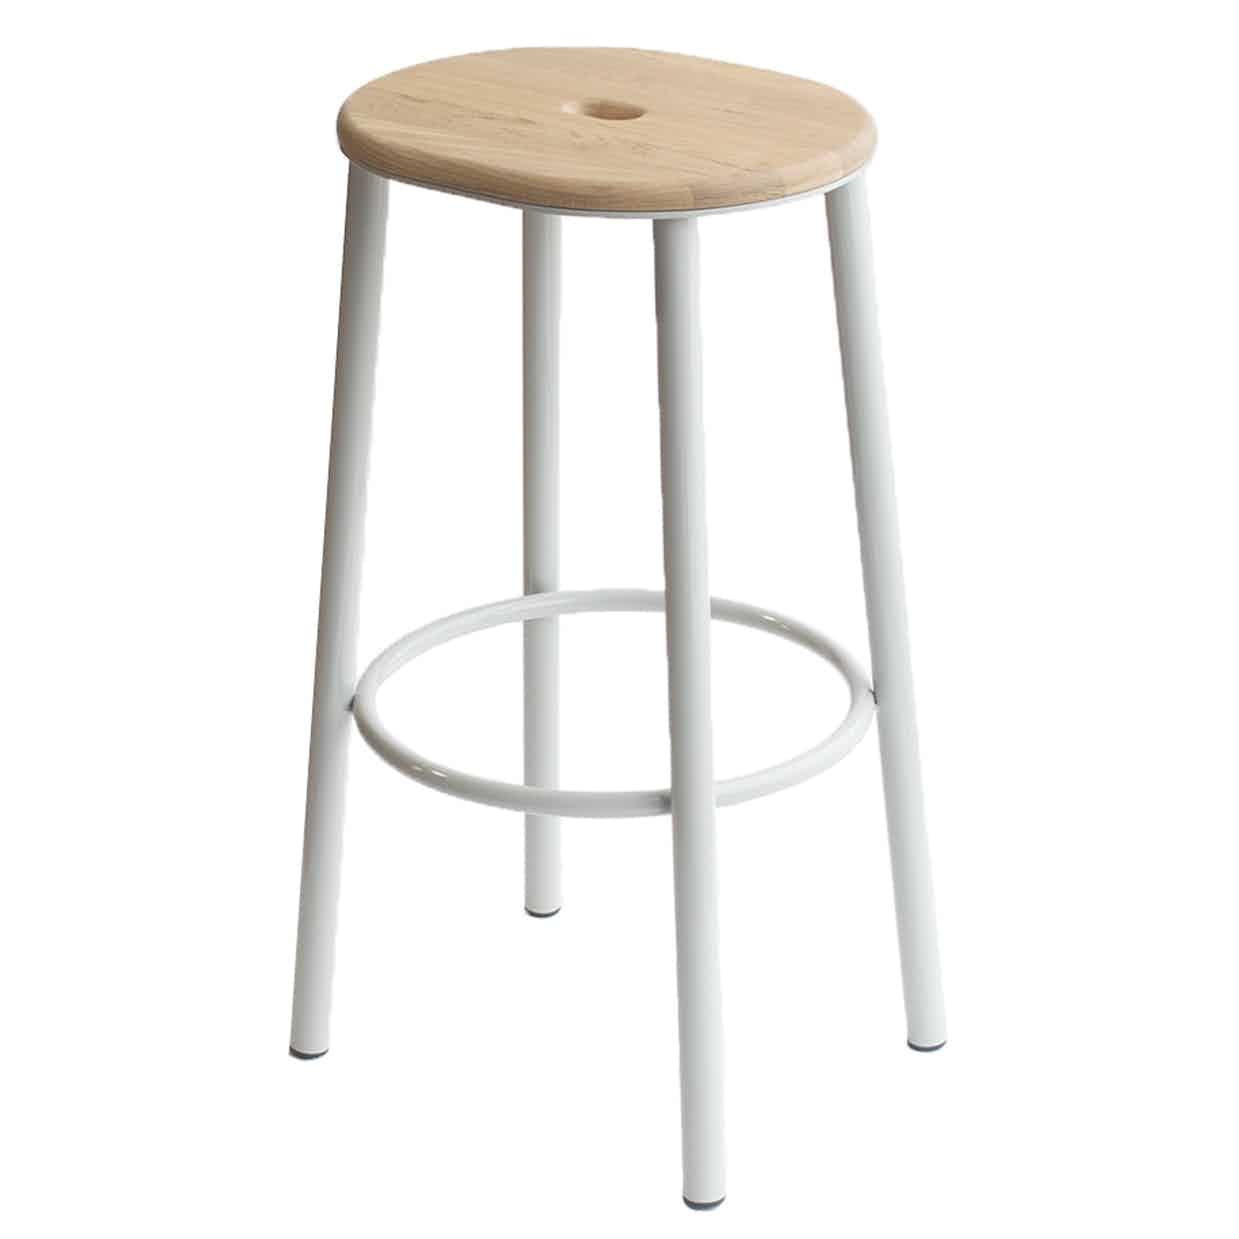 Division-12-deck-bar-stool-white-legs-haute-living_190218_223852